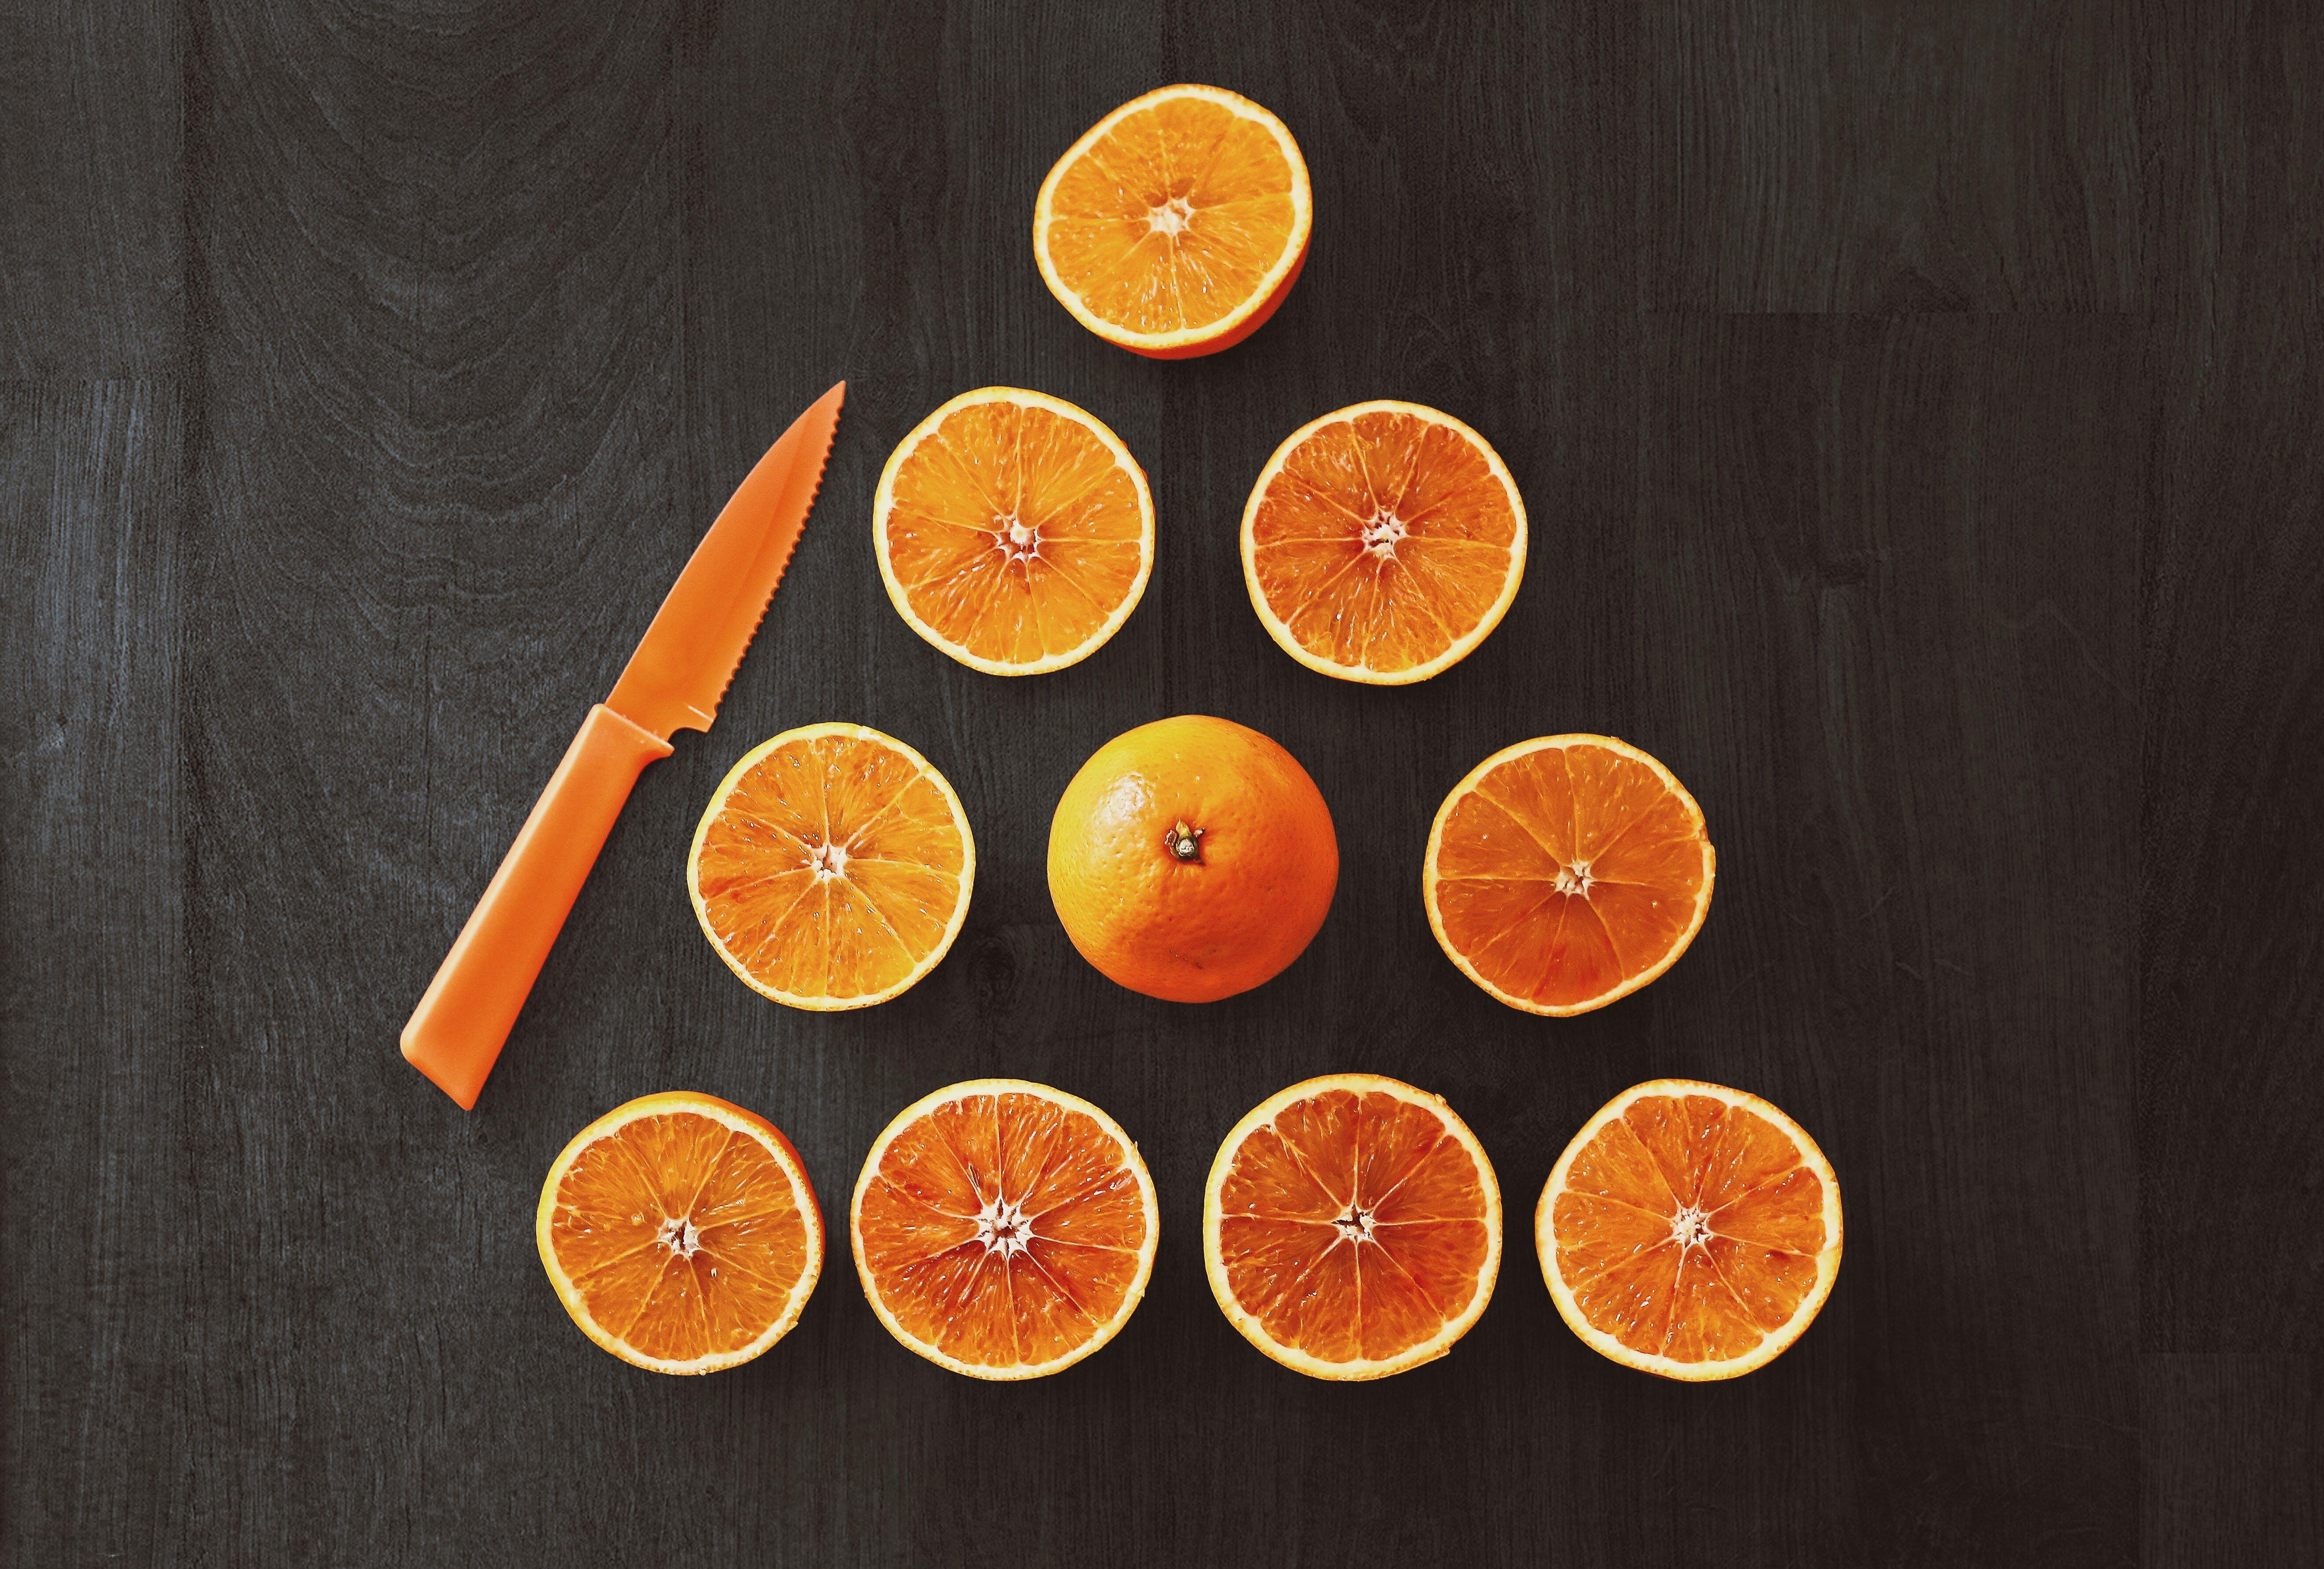 Kostenloses Stock Foto zu essen, frucht, geschnitten, gesund